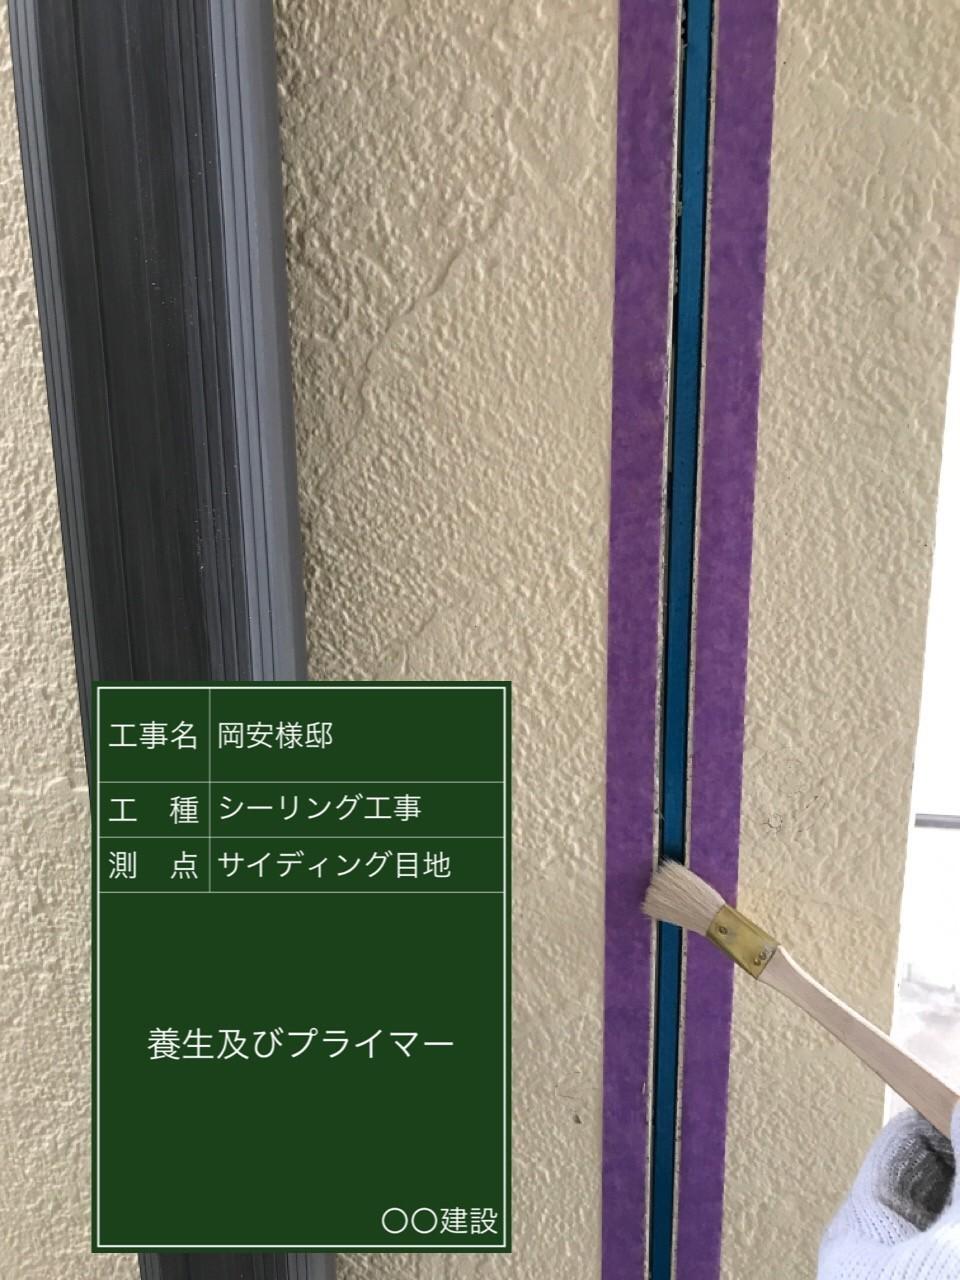 神戸市垂水区での外壁目地コーキング打ち替えで養生している様子